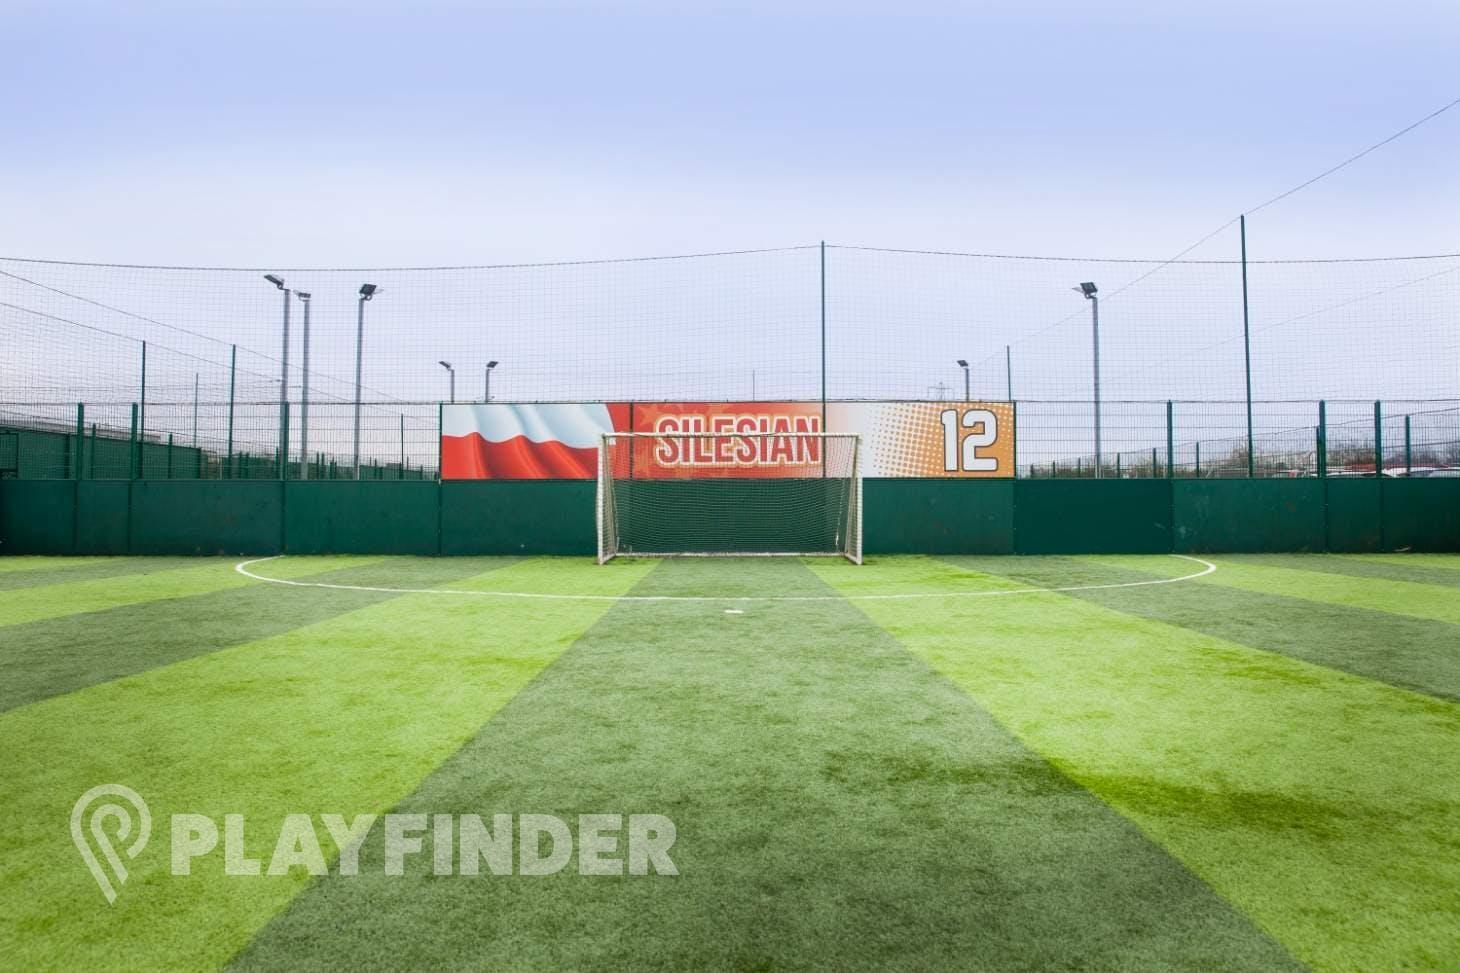 Goals Wimbledon 7 a side | 3G Astroturf football pitch